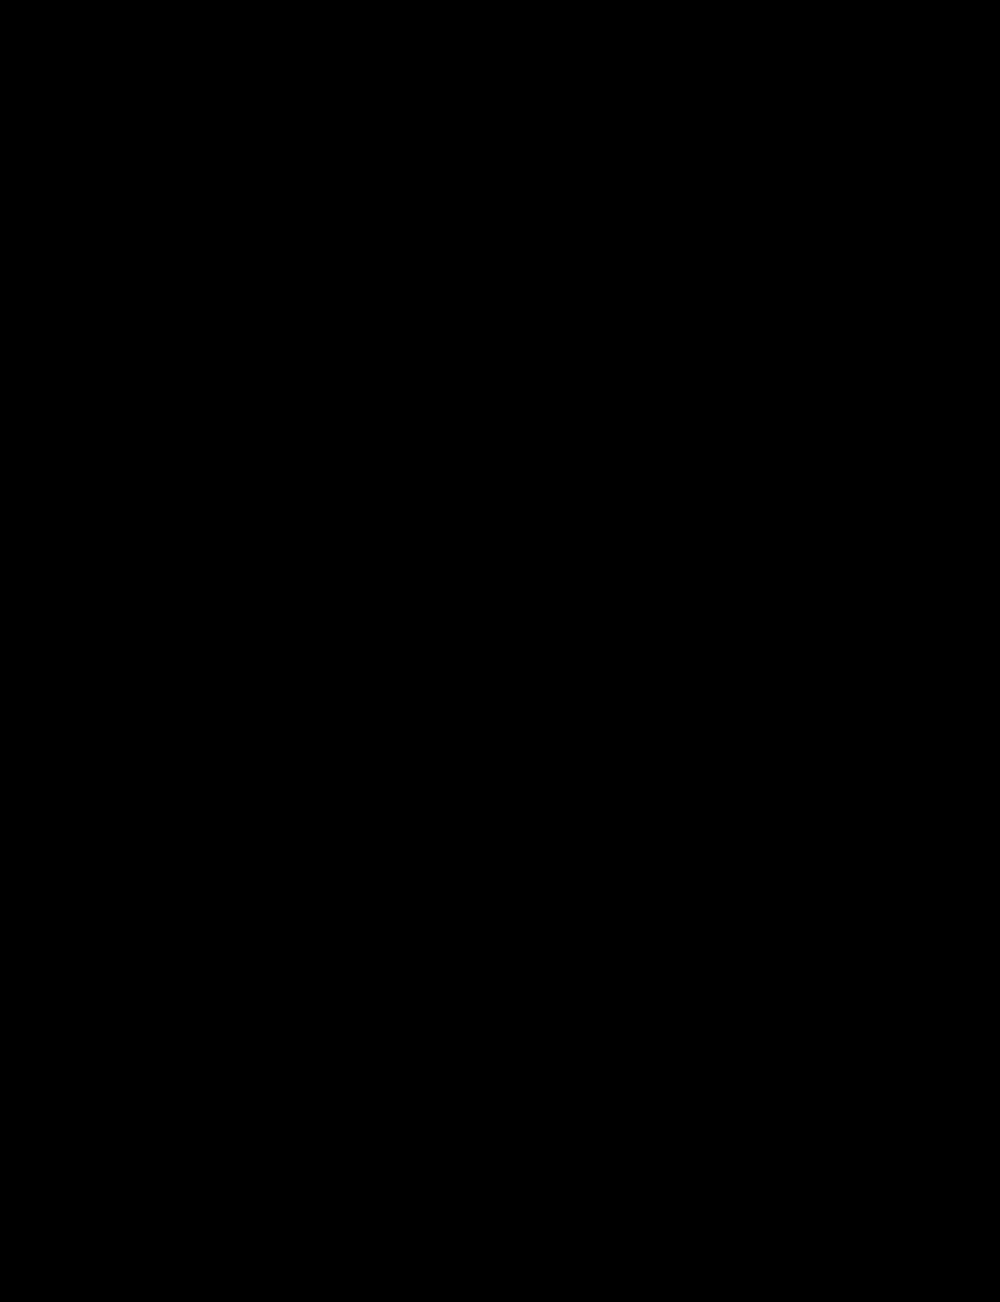 Les longueurs aériennes du défilé Berardi